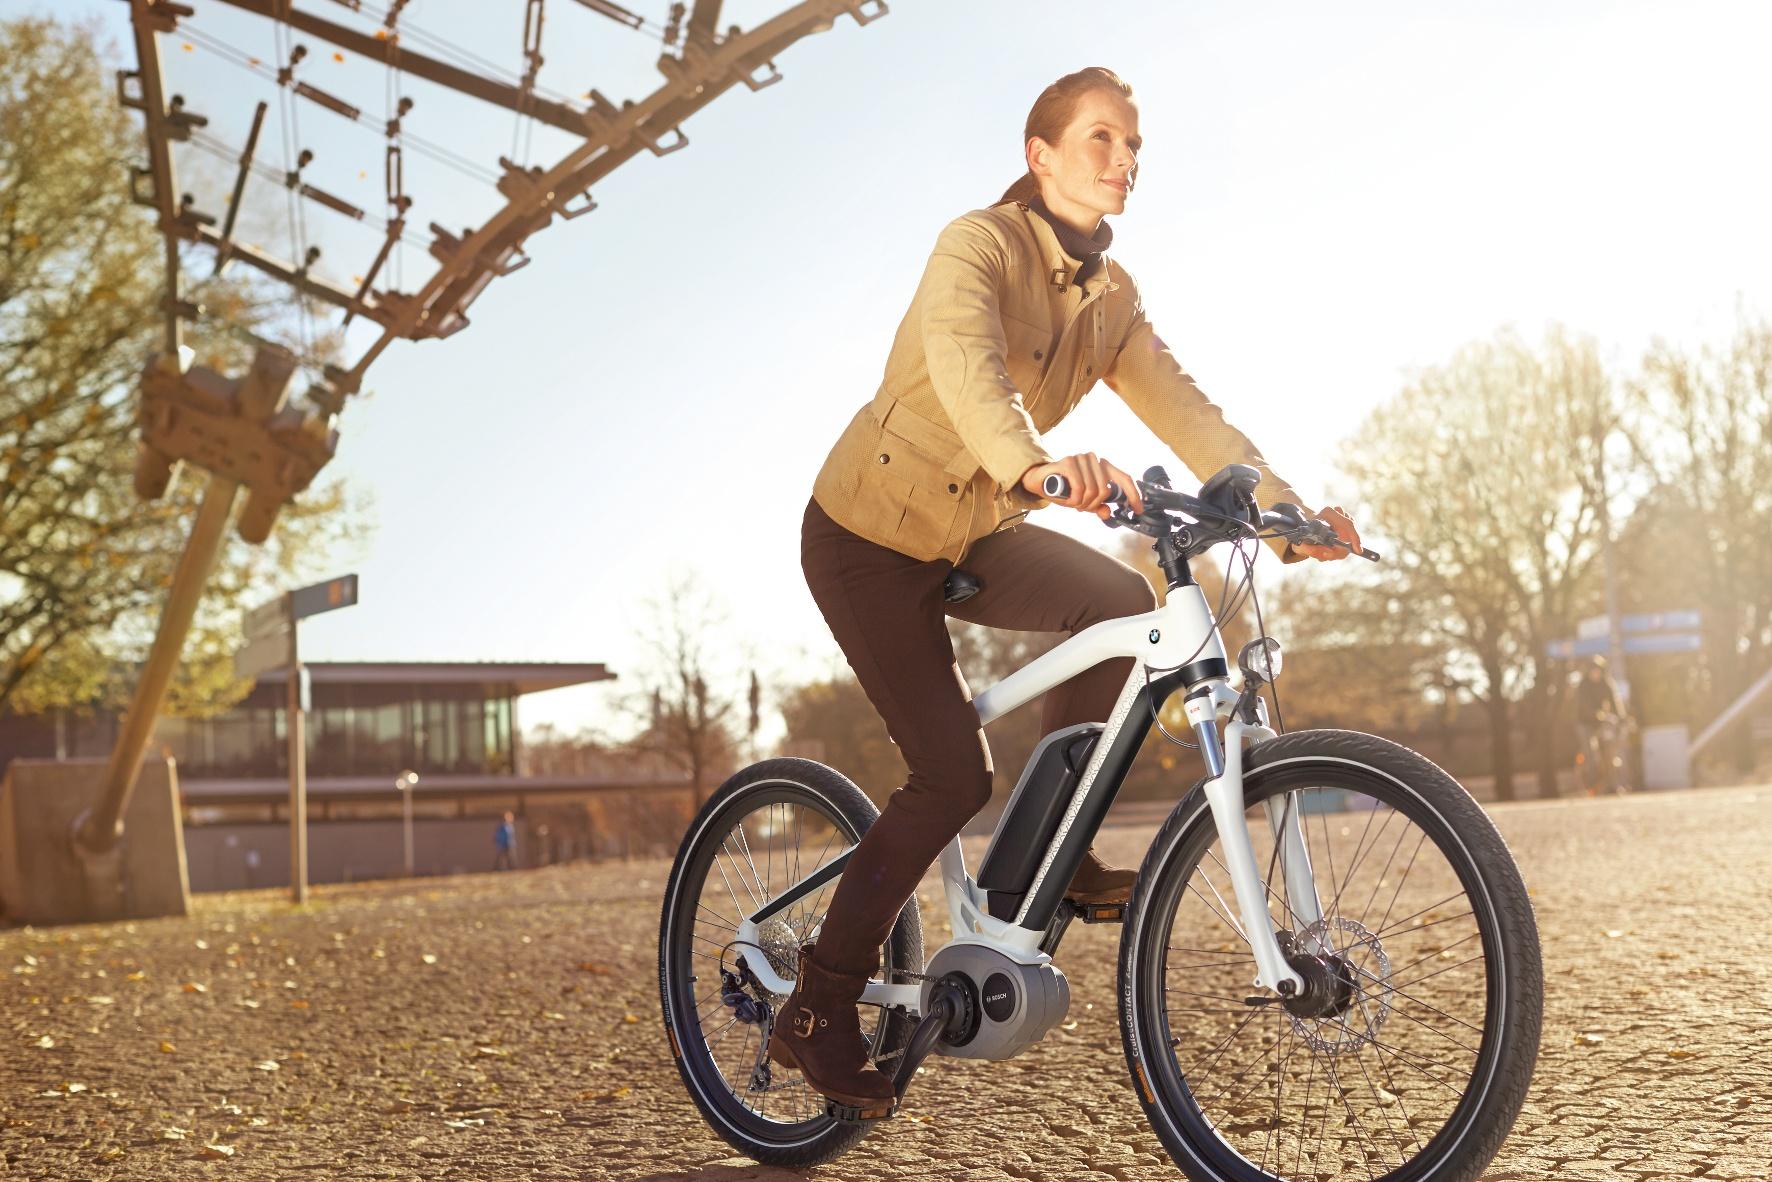 Dienstrad-Leasing: Jeder zehnte BMW-Mitarbeiter fährt mit dem Rad zur Arbeit